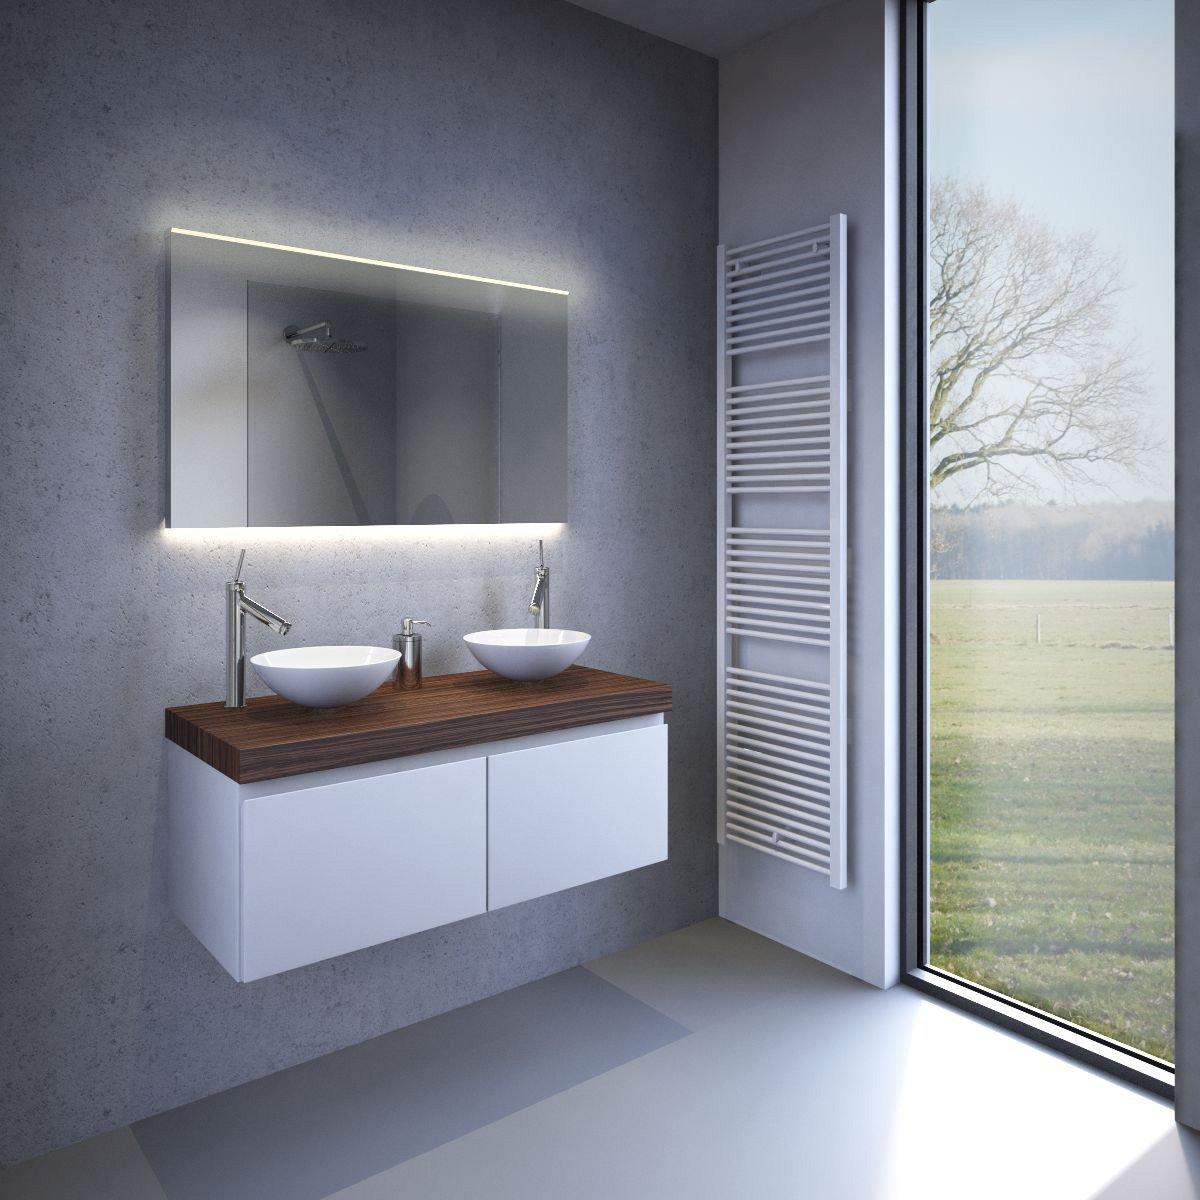 Nieuw model badkamerspiegel met fraaie directe en indirecte verlichting en verwarming 100 cm for Badkamer model